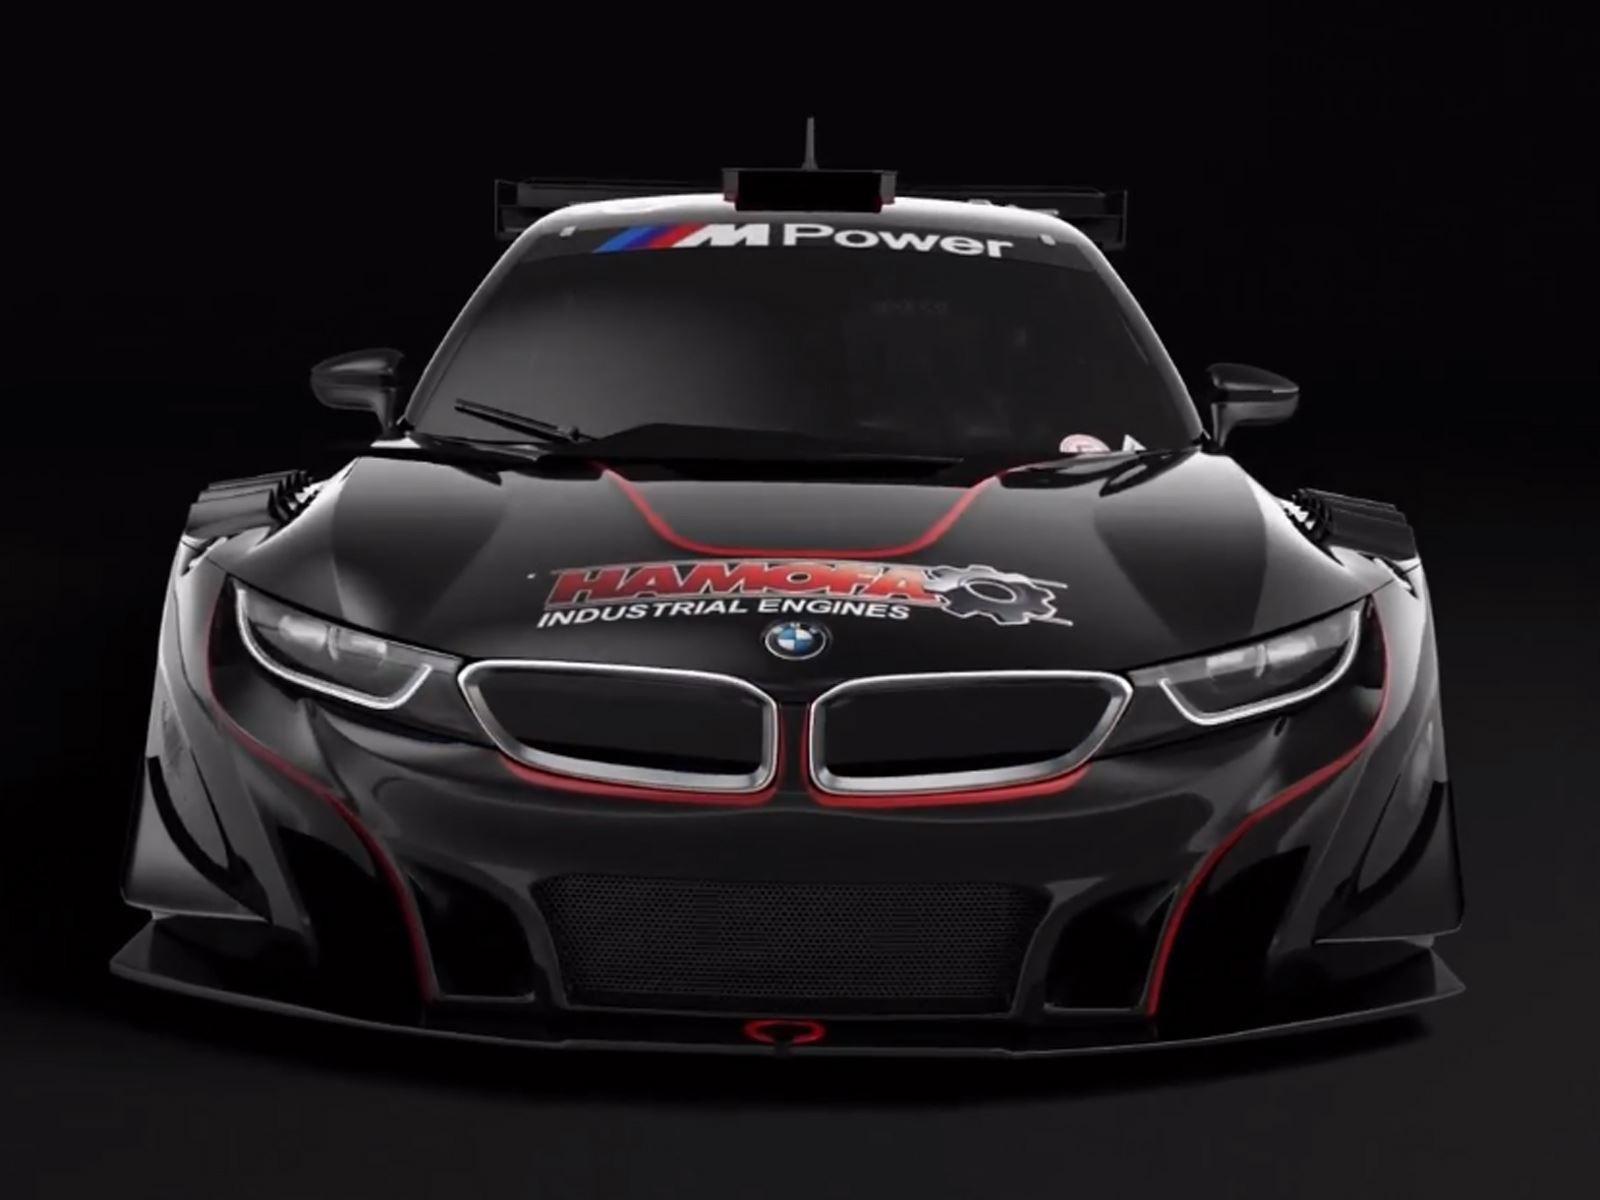 BMW i8 V8 GTR Silhouette